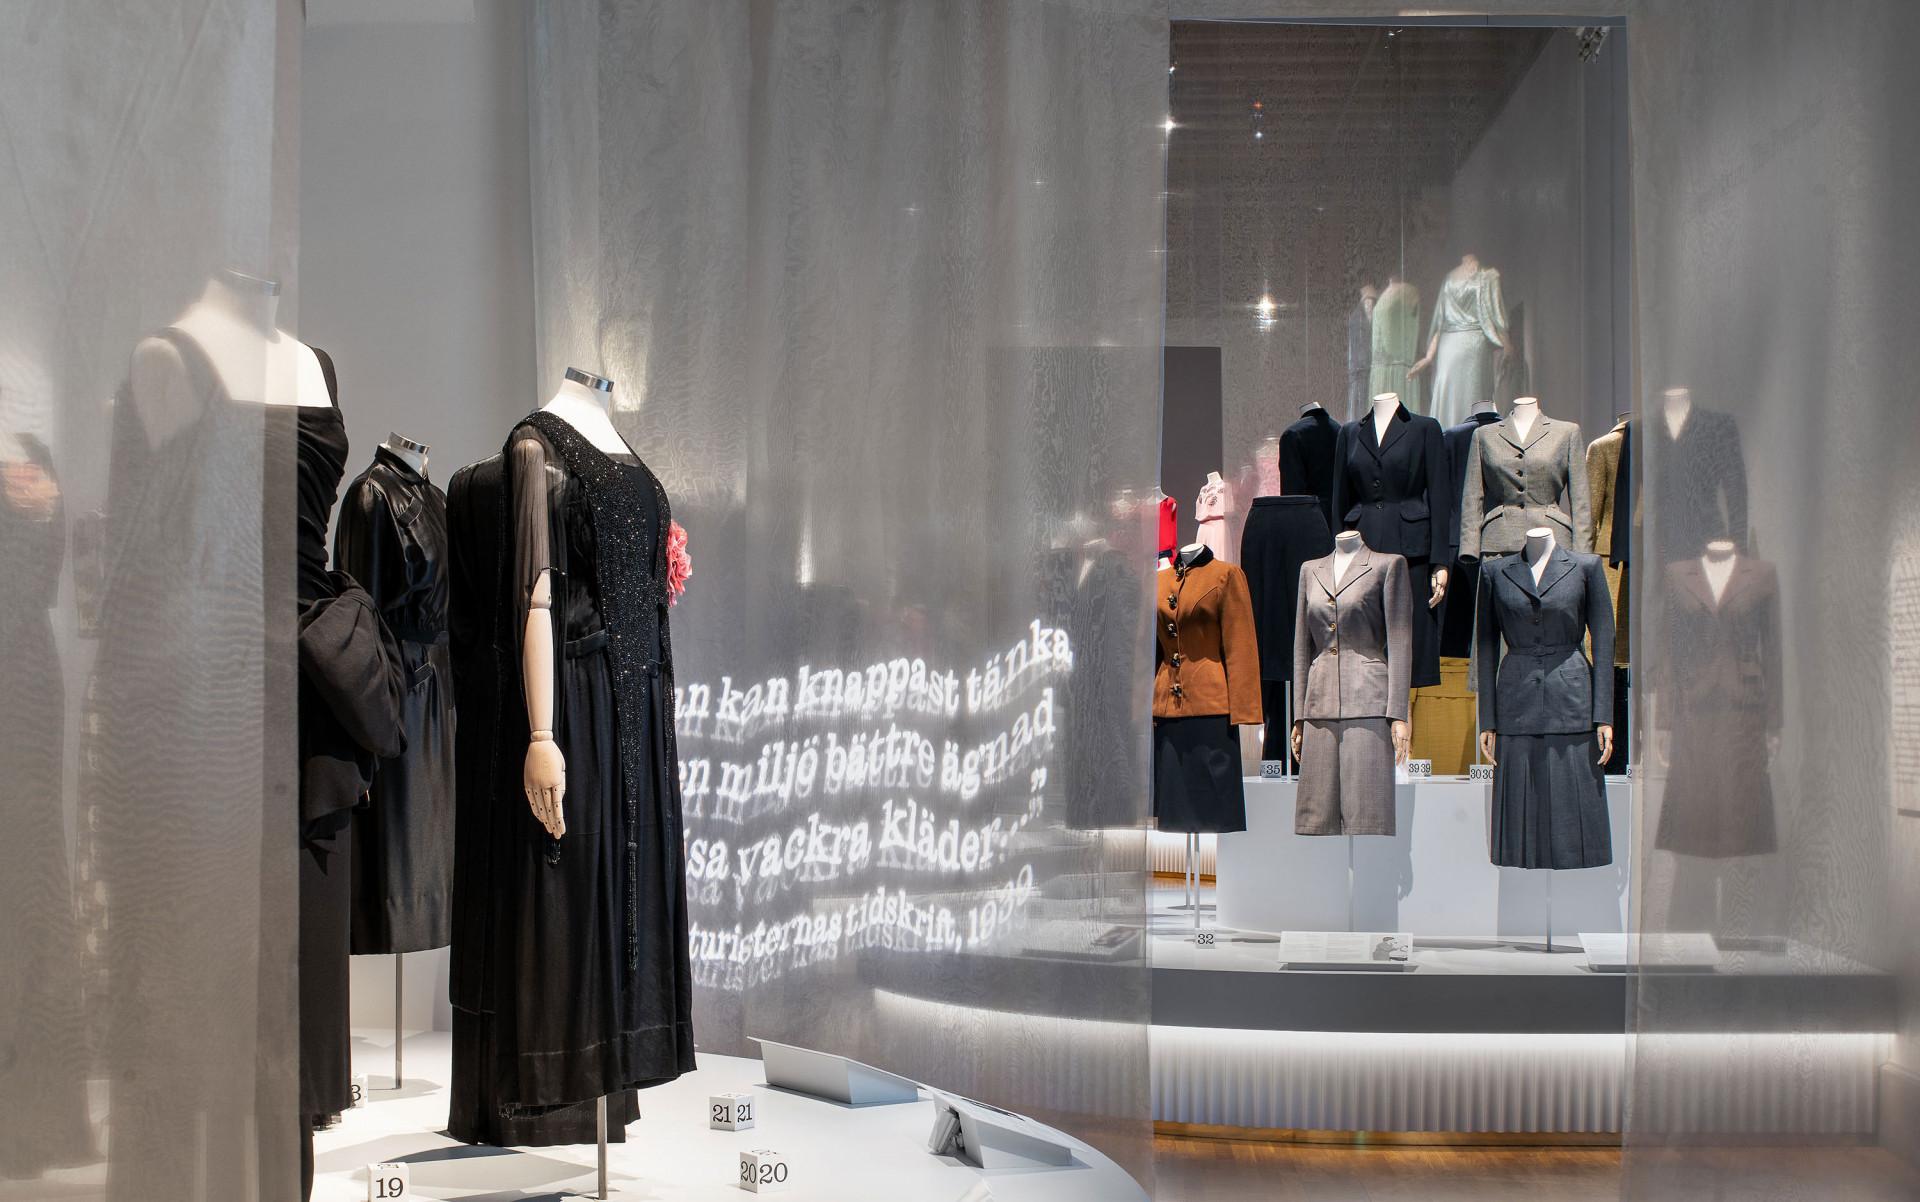 svarta klänningar på dockor och dräkter med kjol och jacka på dockor